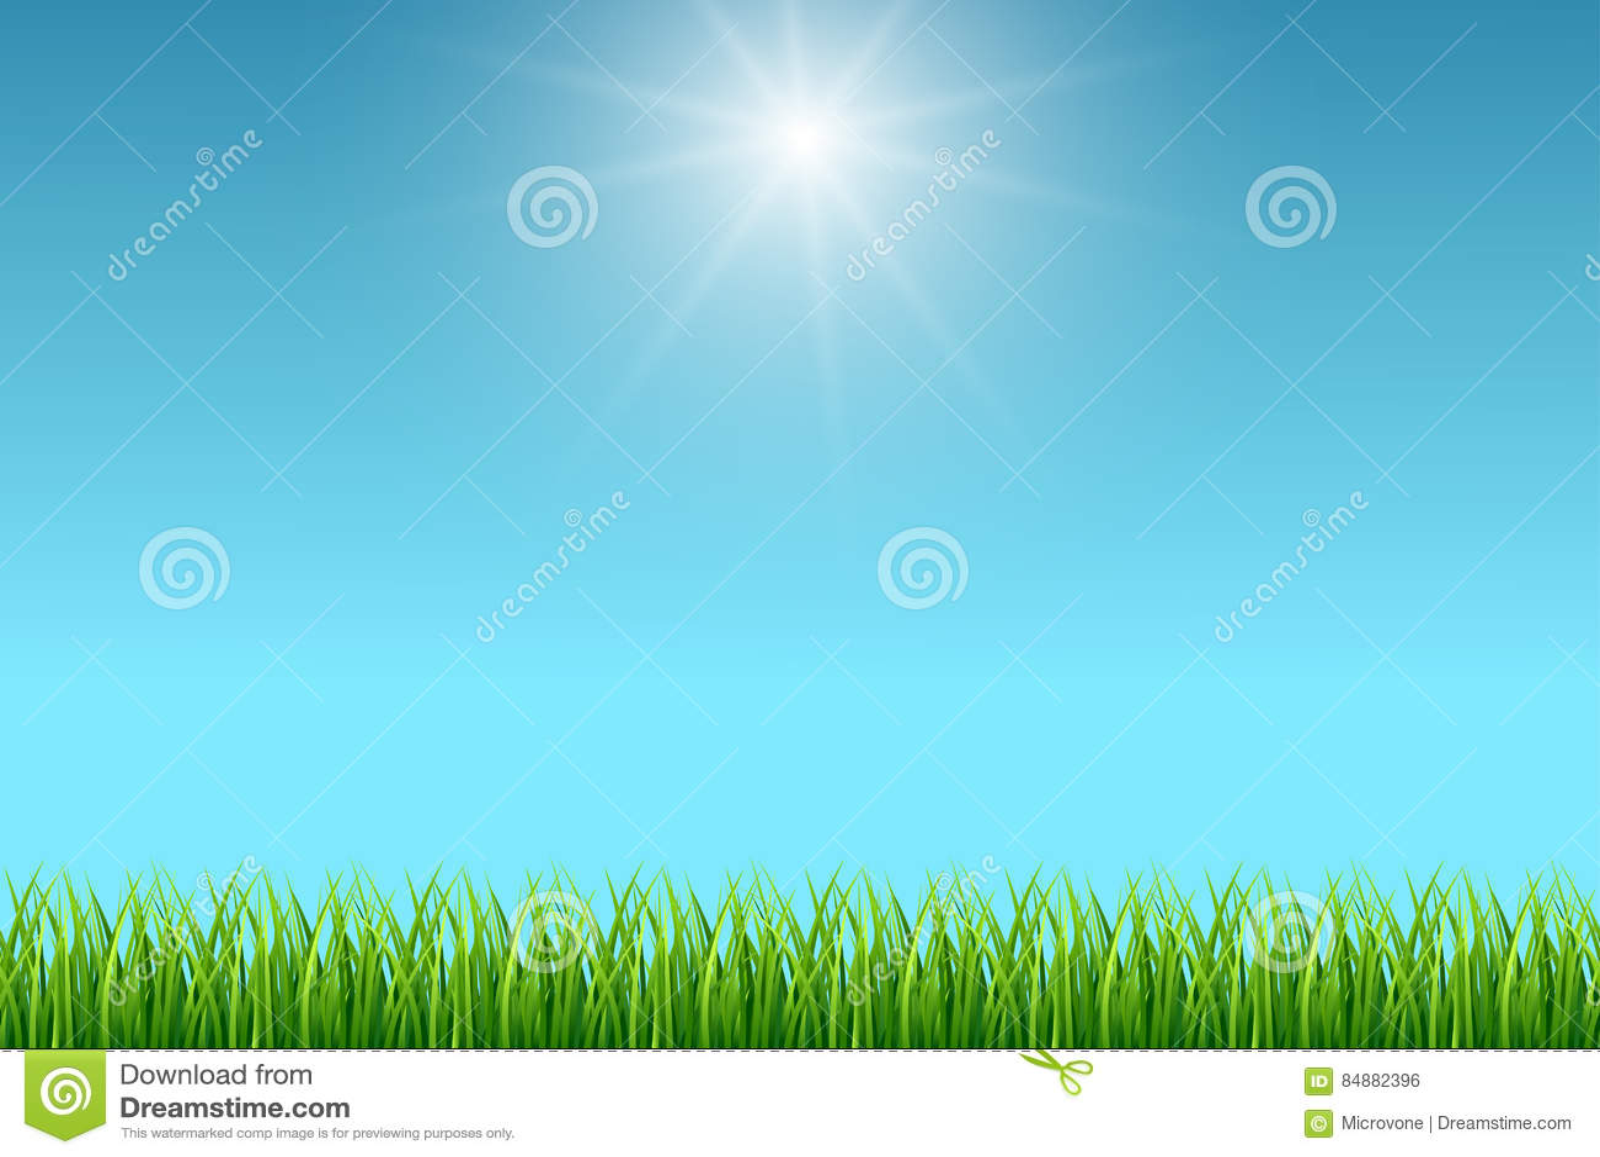 Nettoyez le fond de vecteur de ciel bleu et d herbe verte